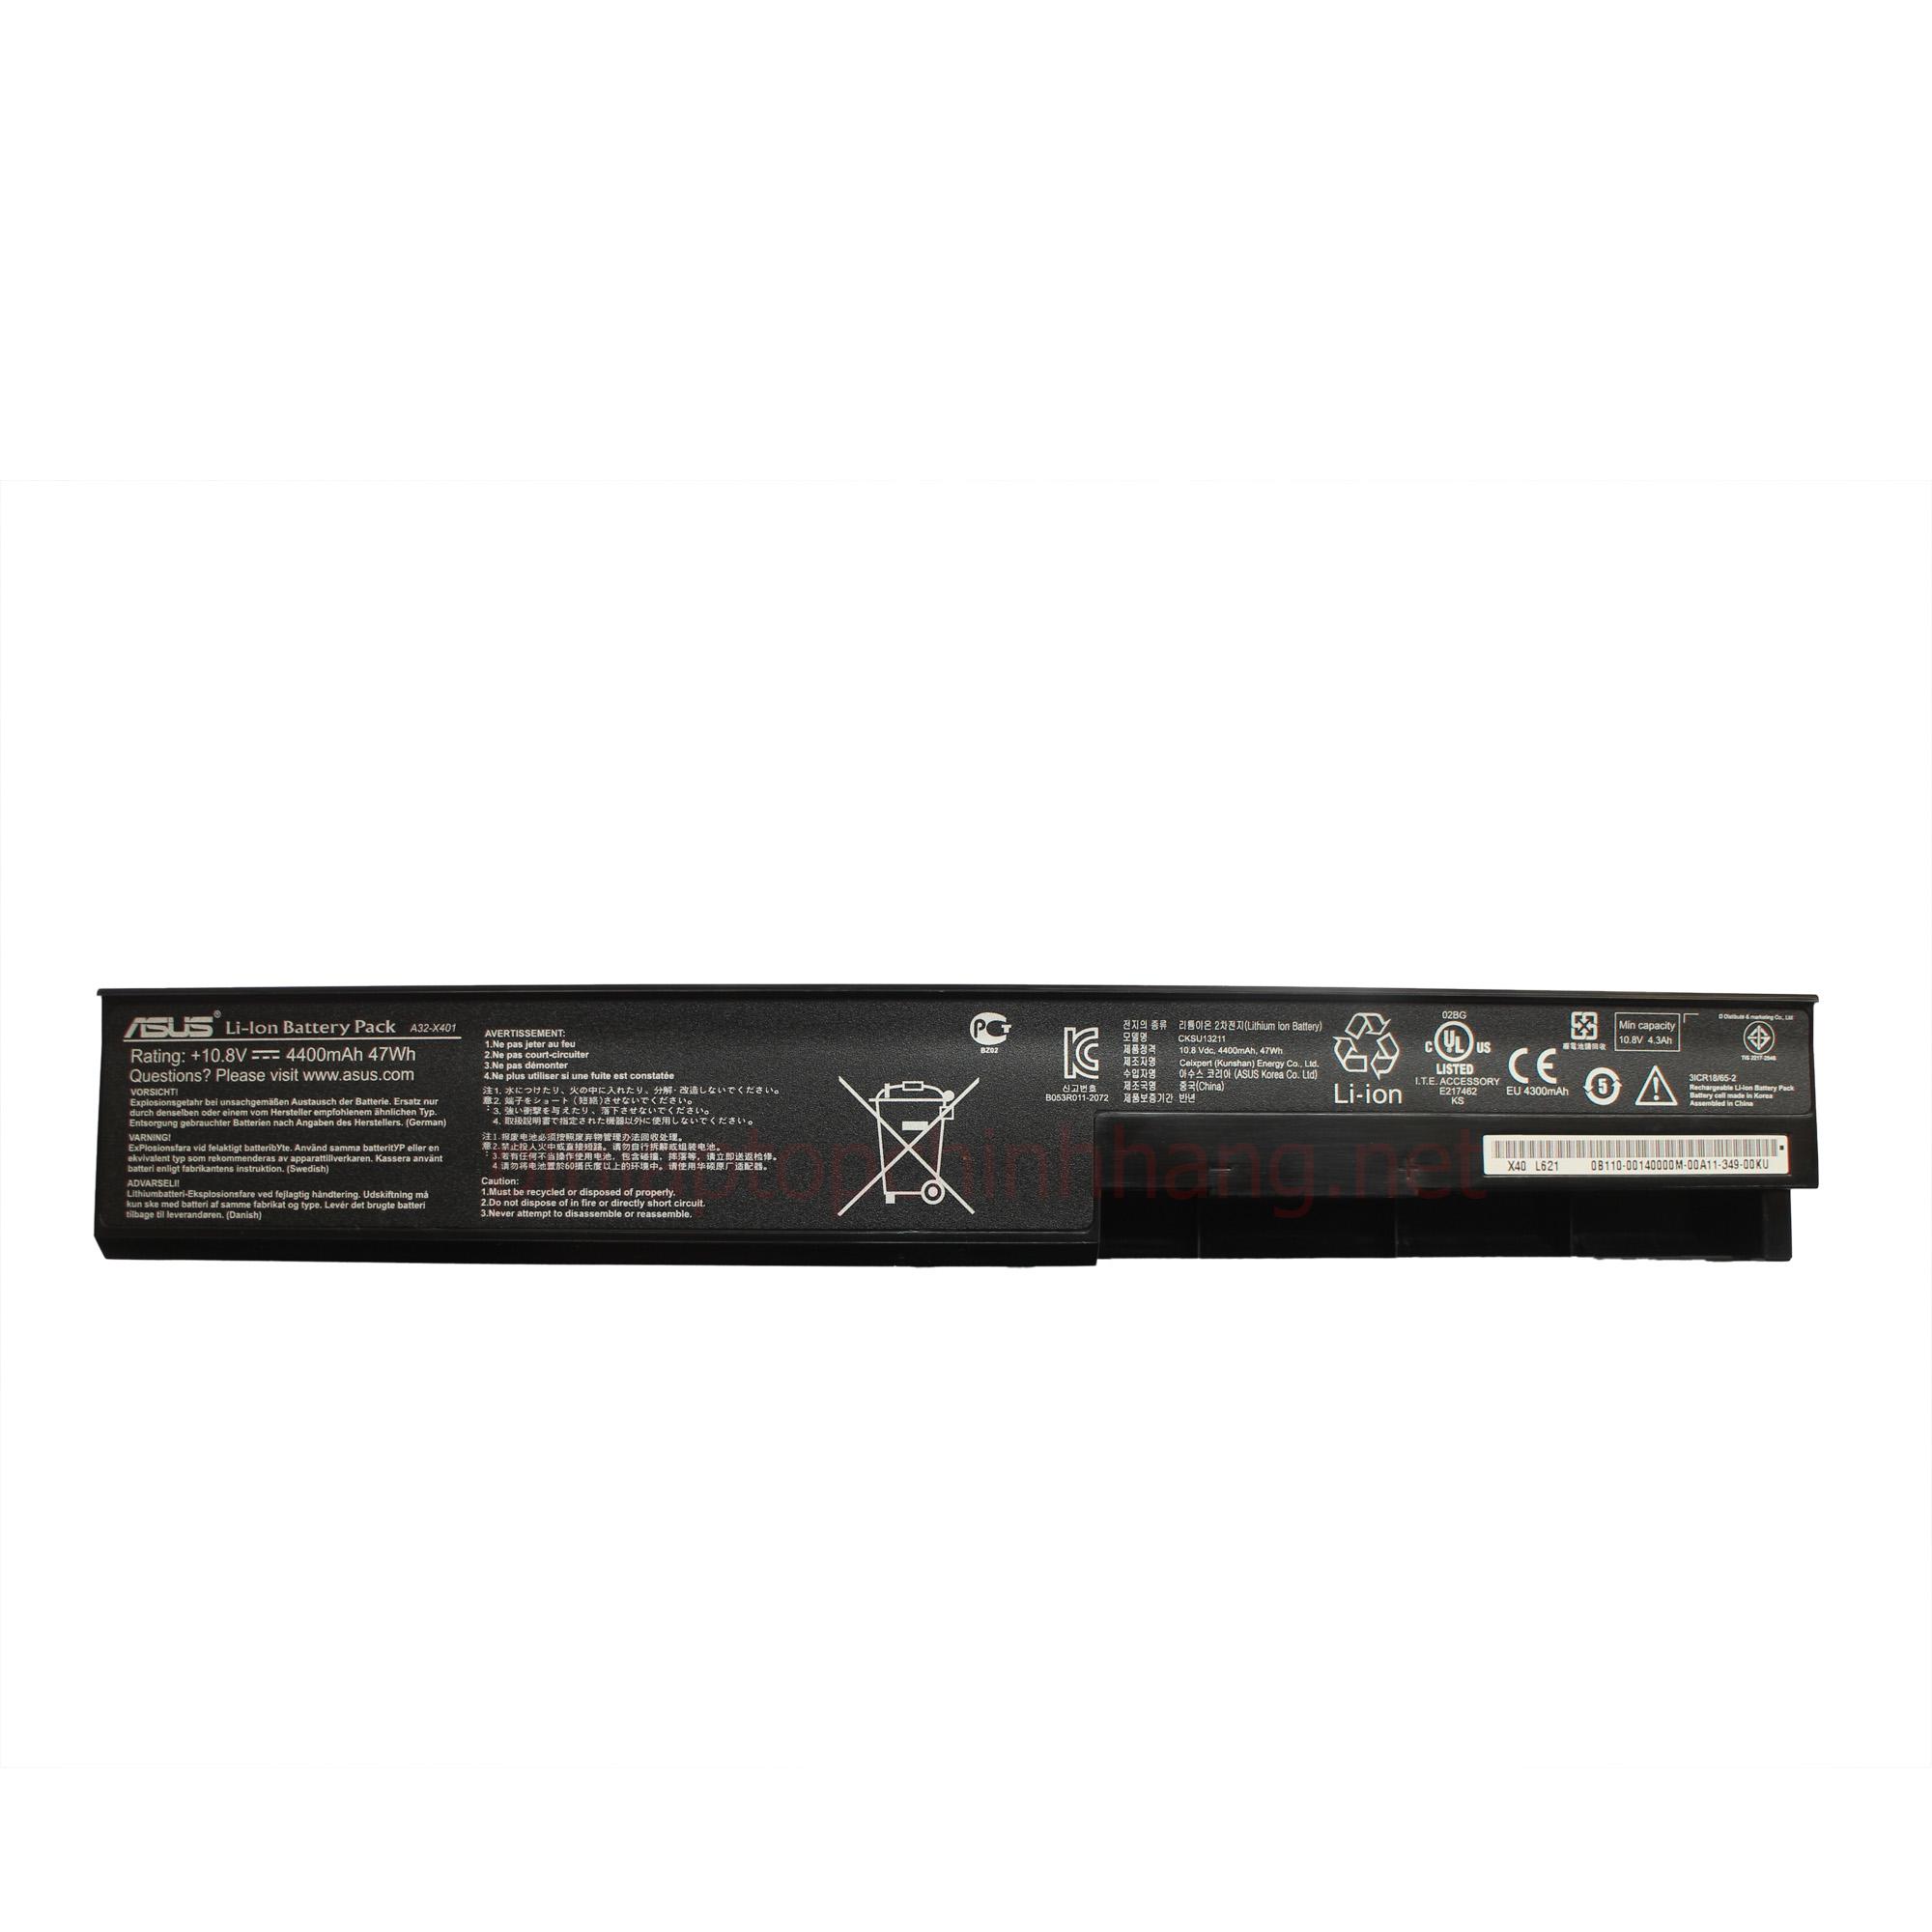 Pin / Battery Laptop Chính hãng Asus A32-X401 X401A X401U, A31-X401 A41-X401 A42-X401, F301 F401 F501 S301 S401 S501 X301 X401 X501